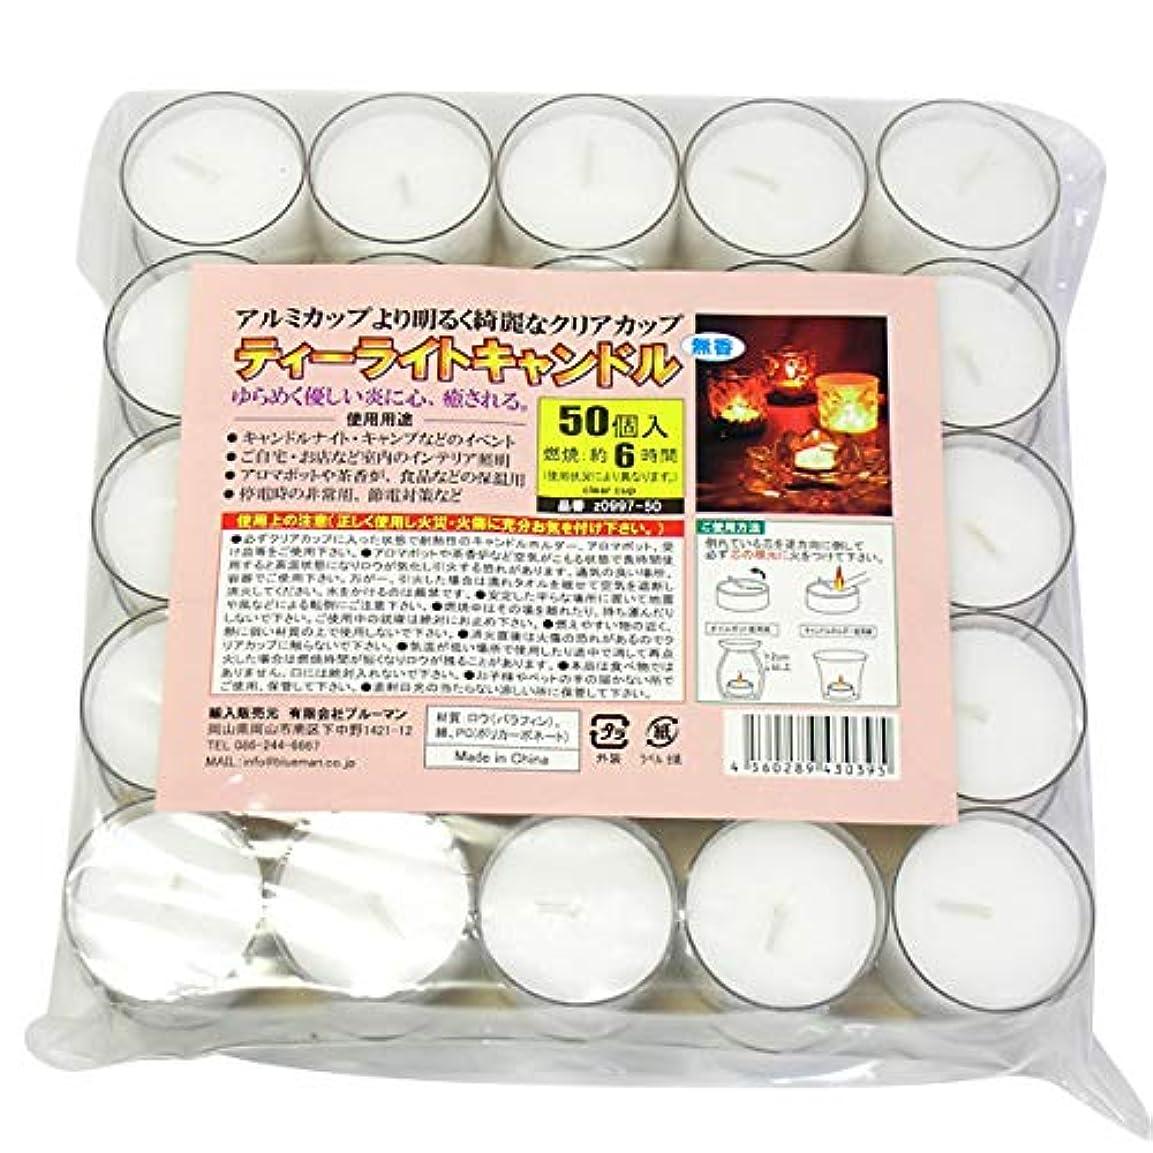 童謡スポークスマンガイドラインティーライトキャンドル クリアカップ 燃焼 約6時間 1,000個 ティーキャンドル ロウソク